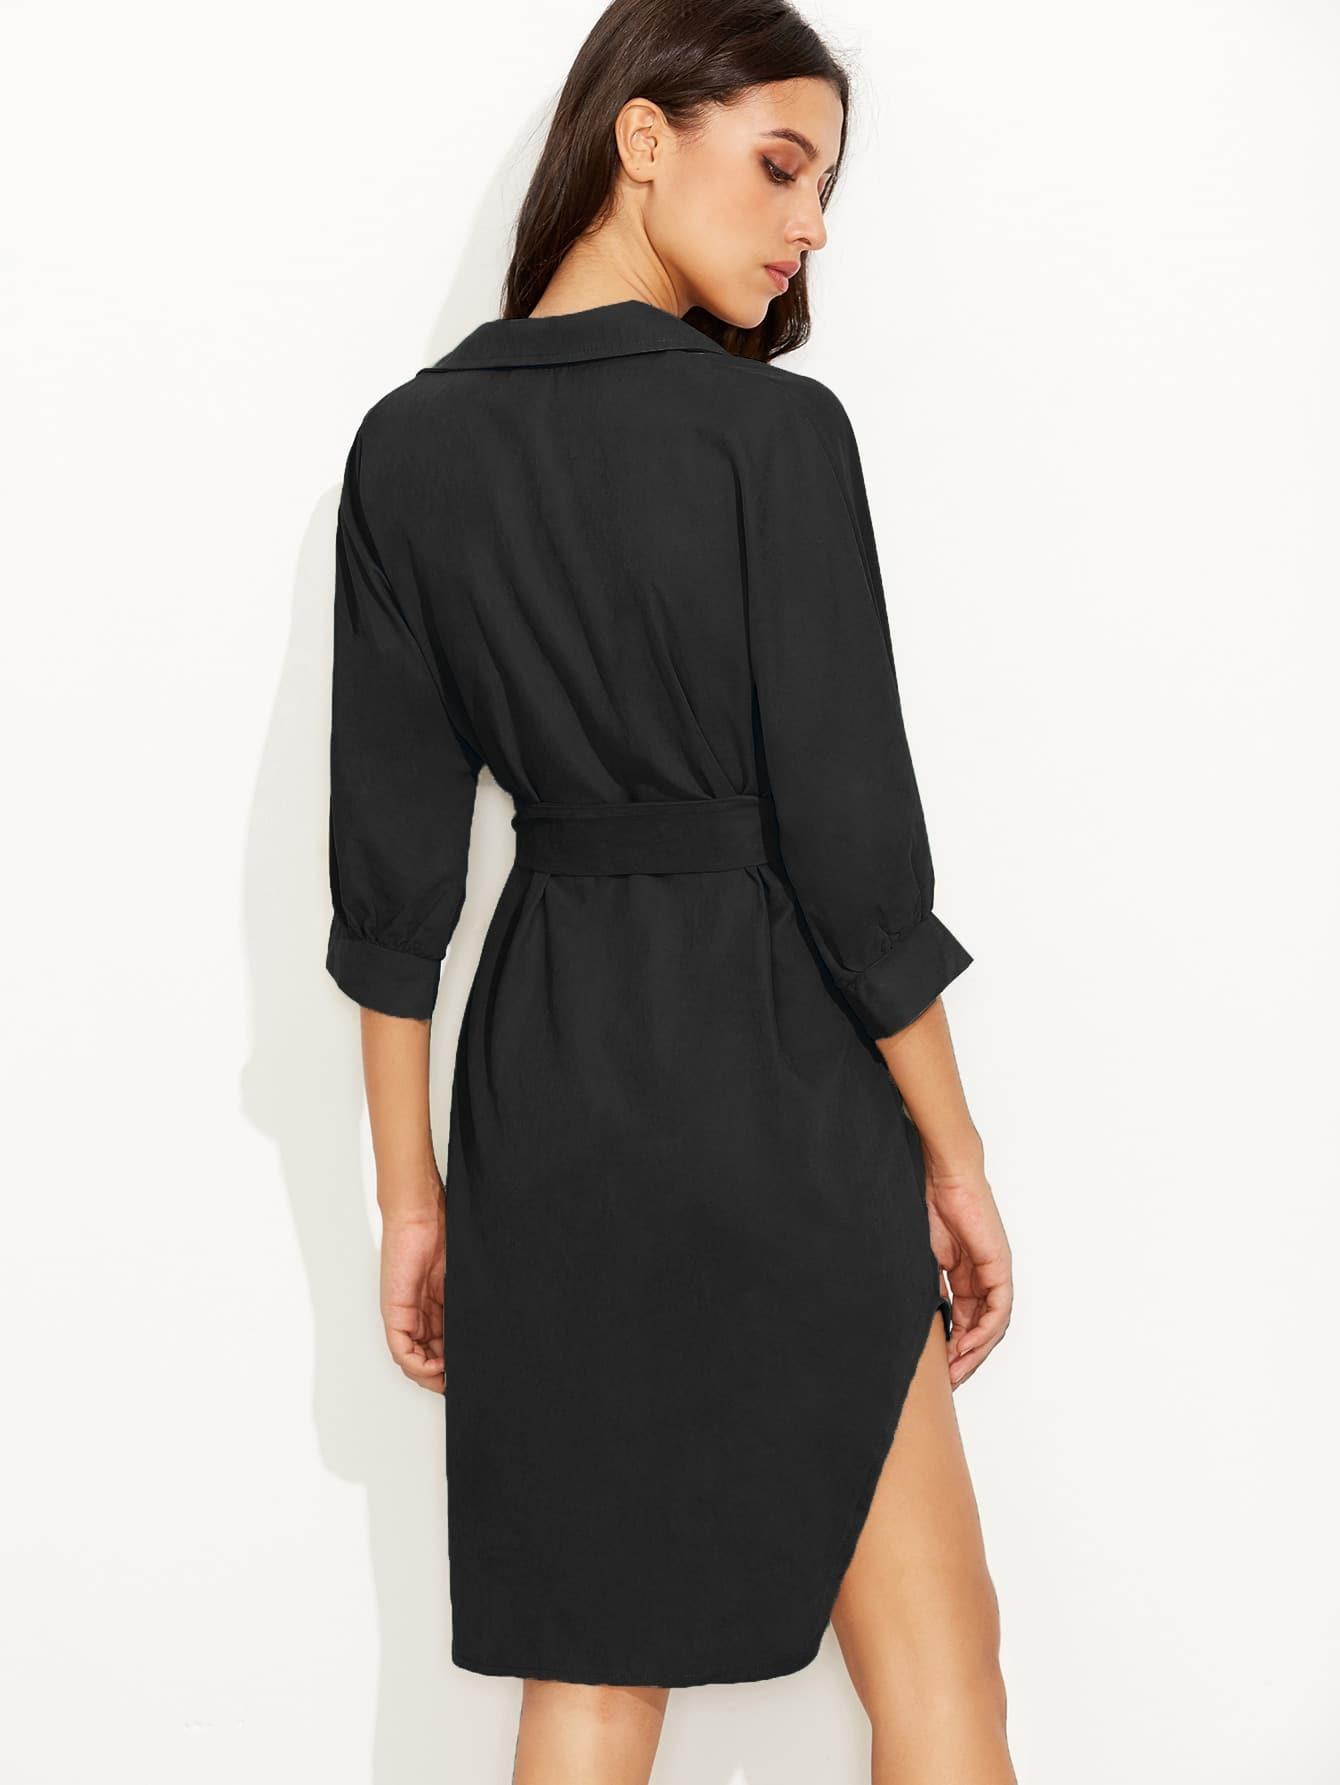 dress161011303_2